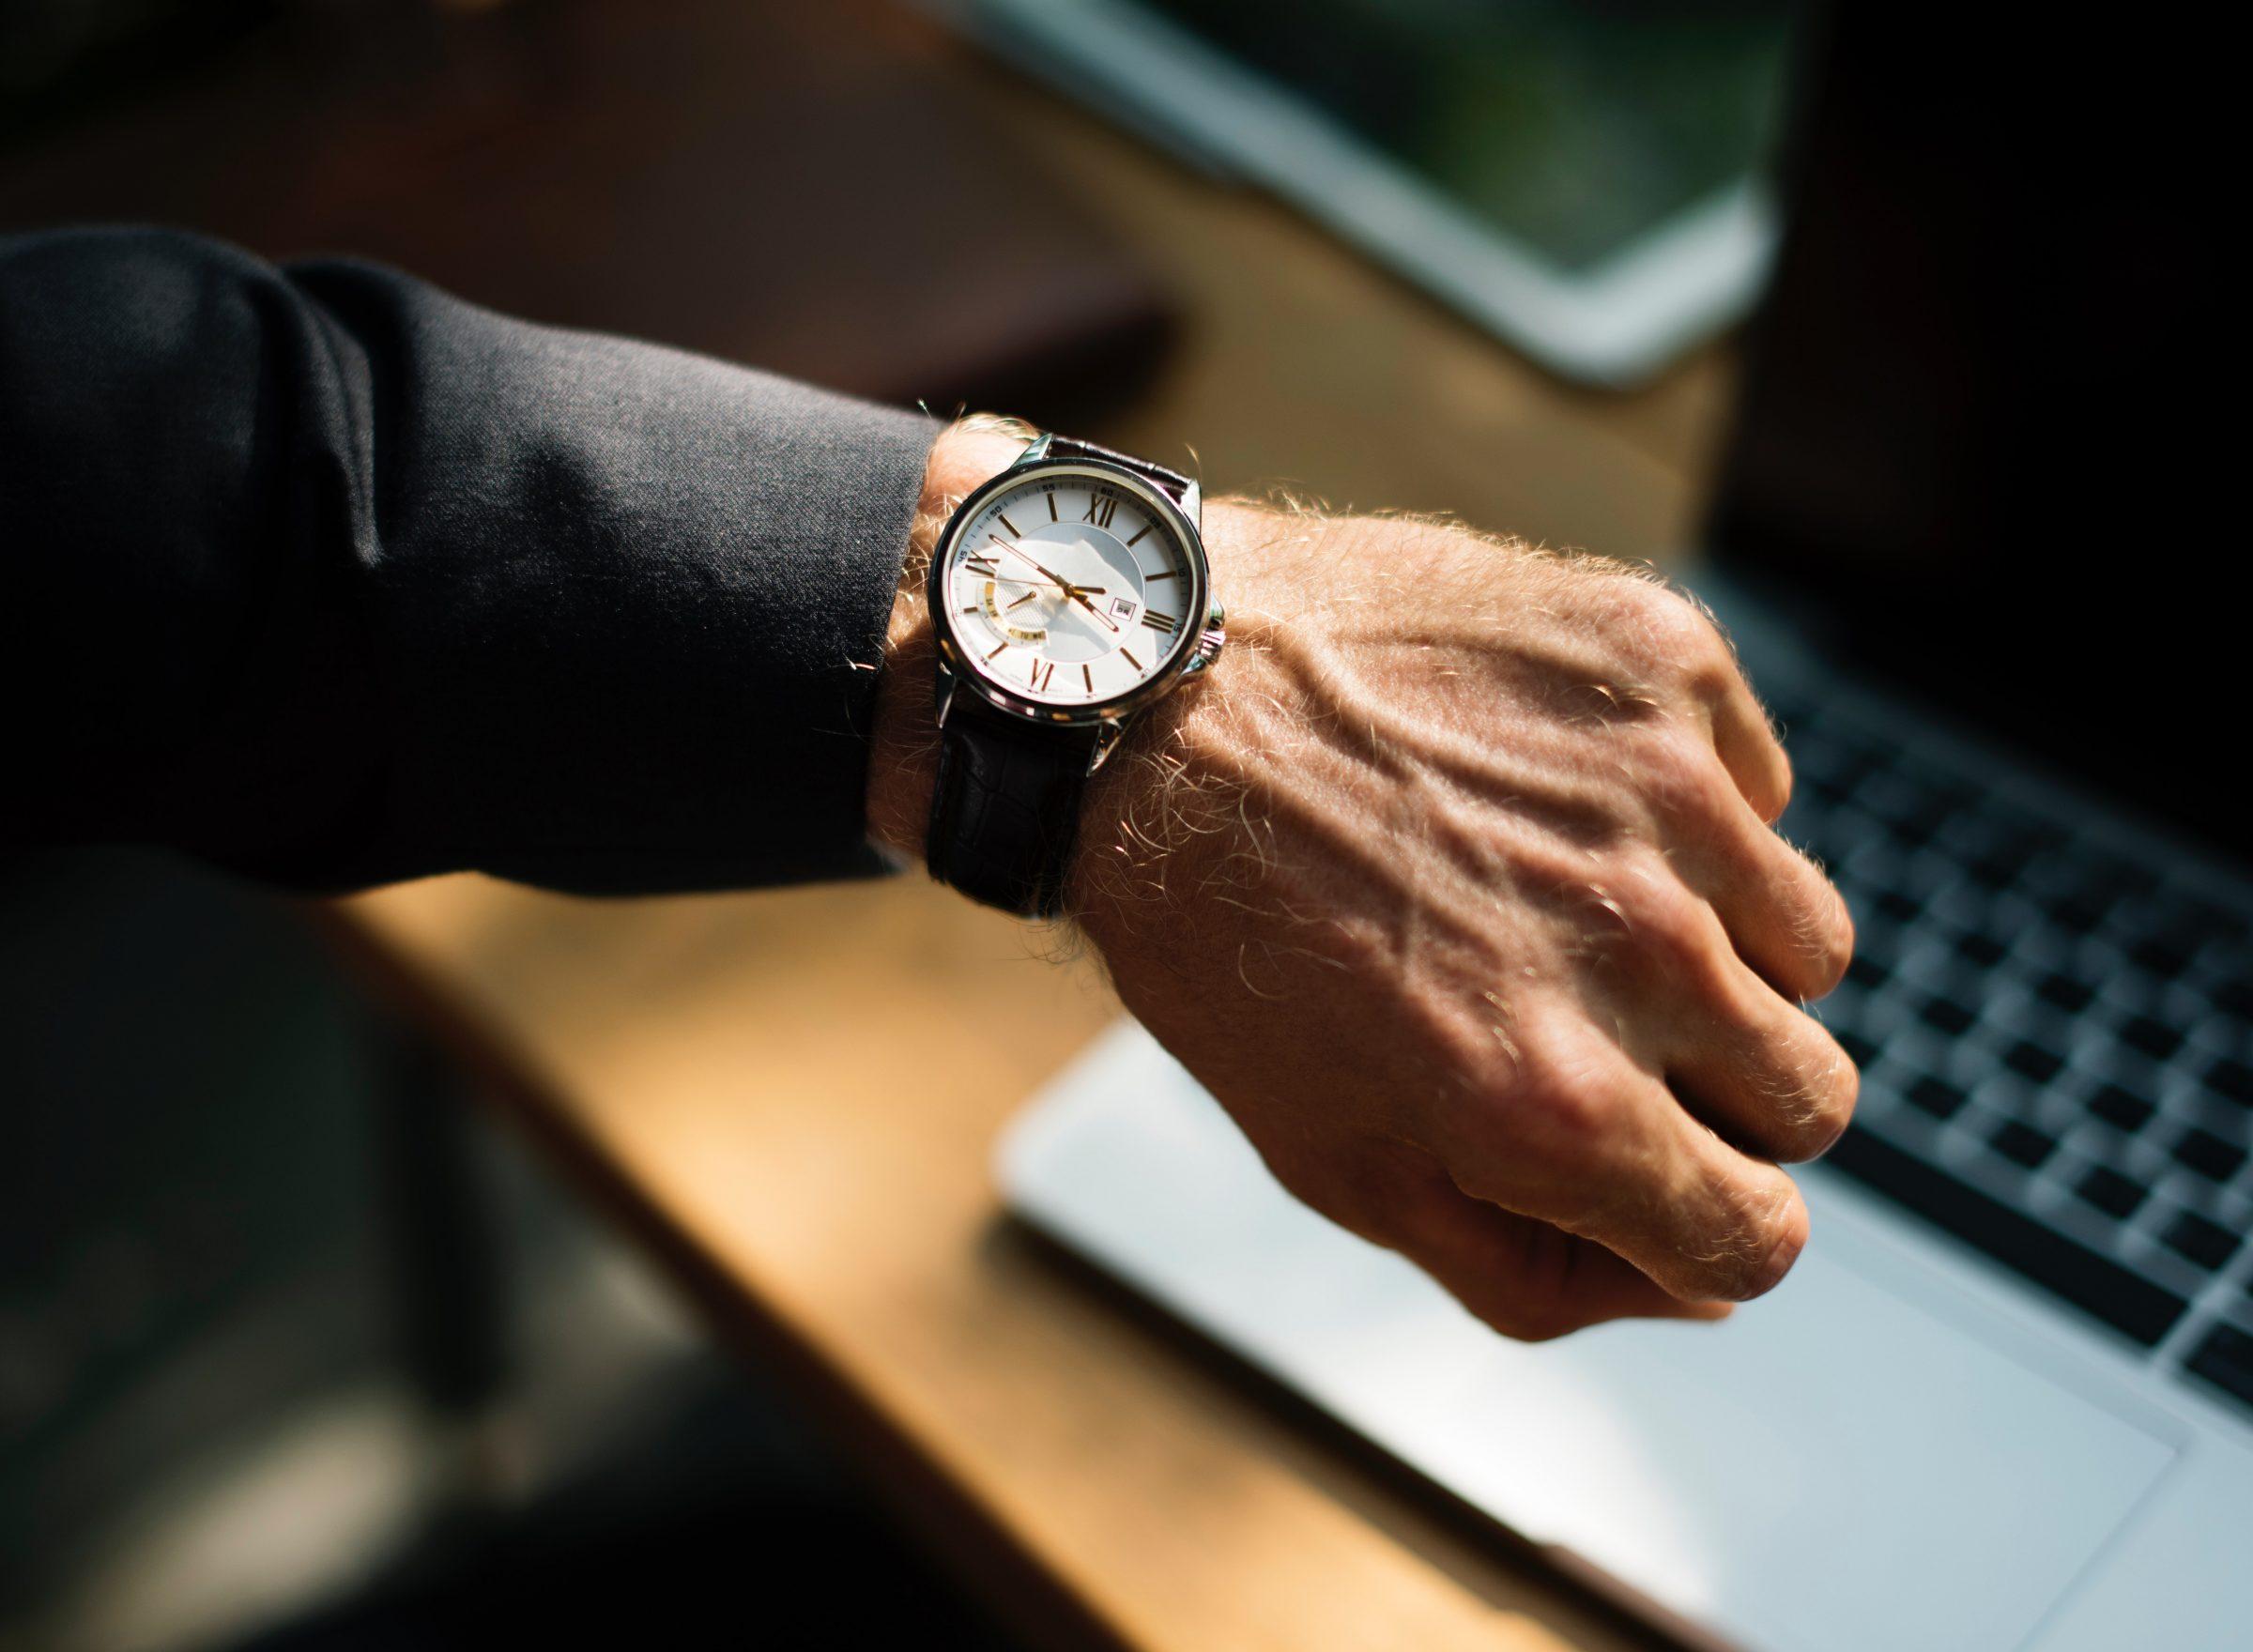 Waarom we zo'n grote moeite hebben met het halen van deadlines